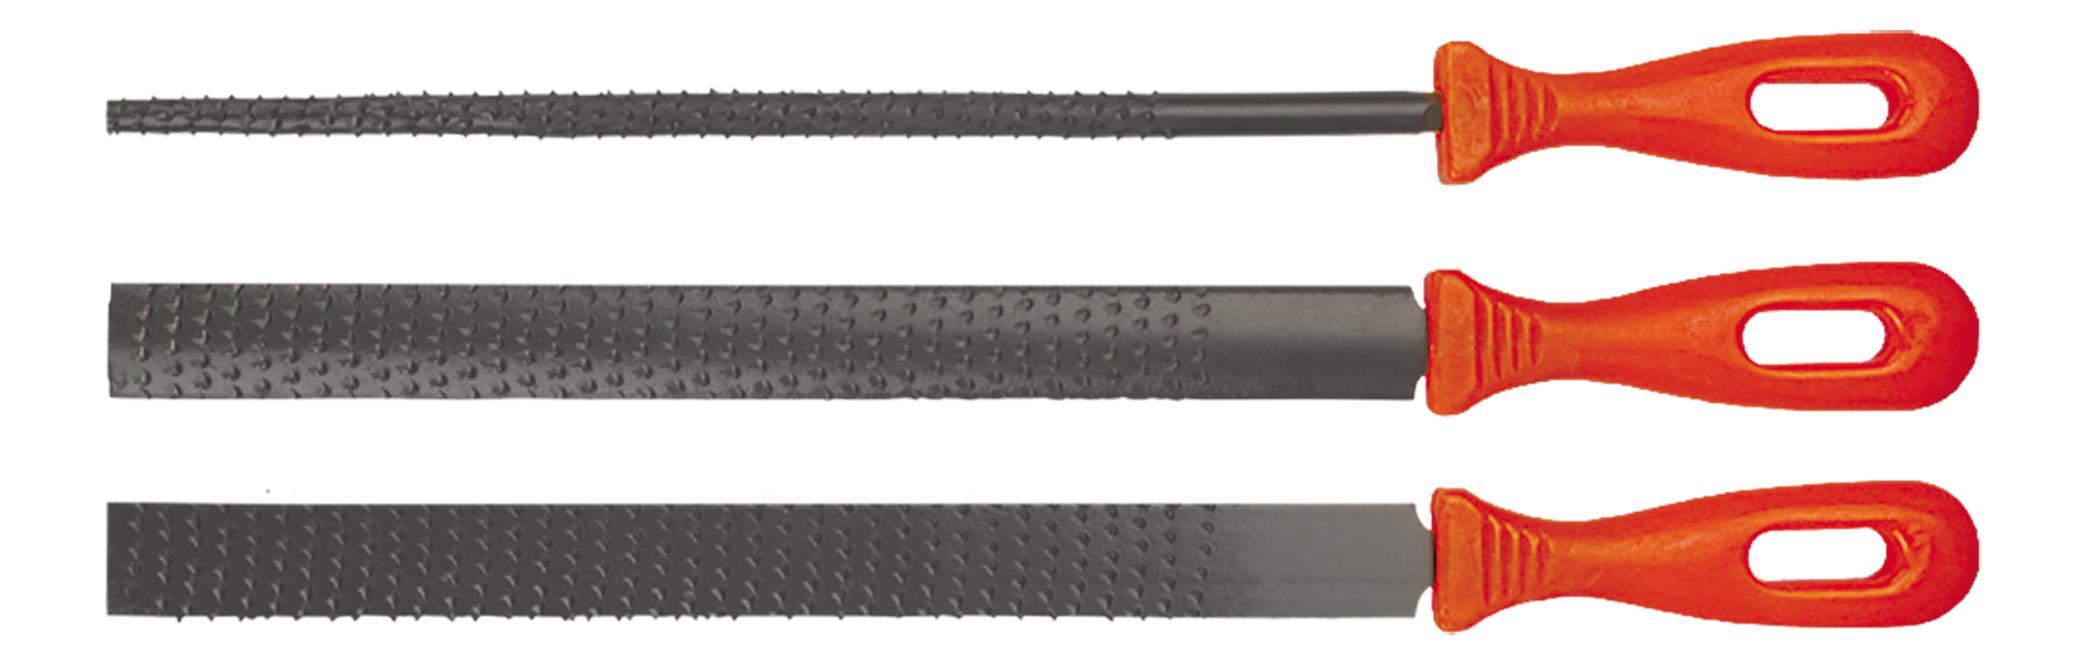 Набор напильников Top tools 06a530